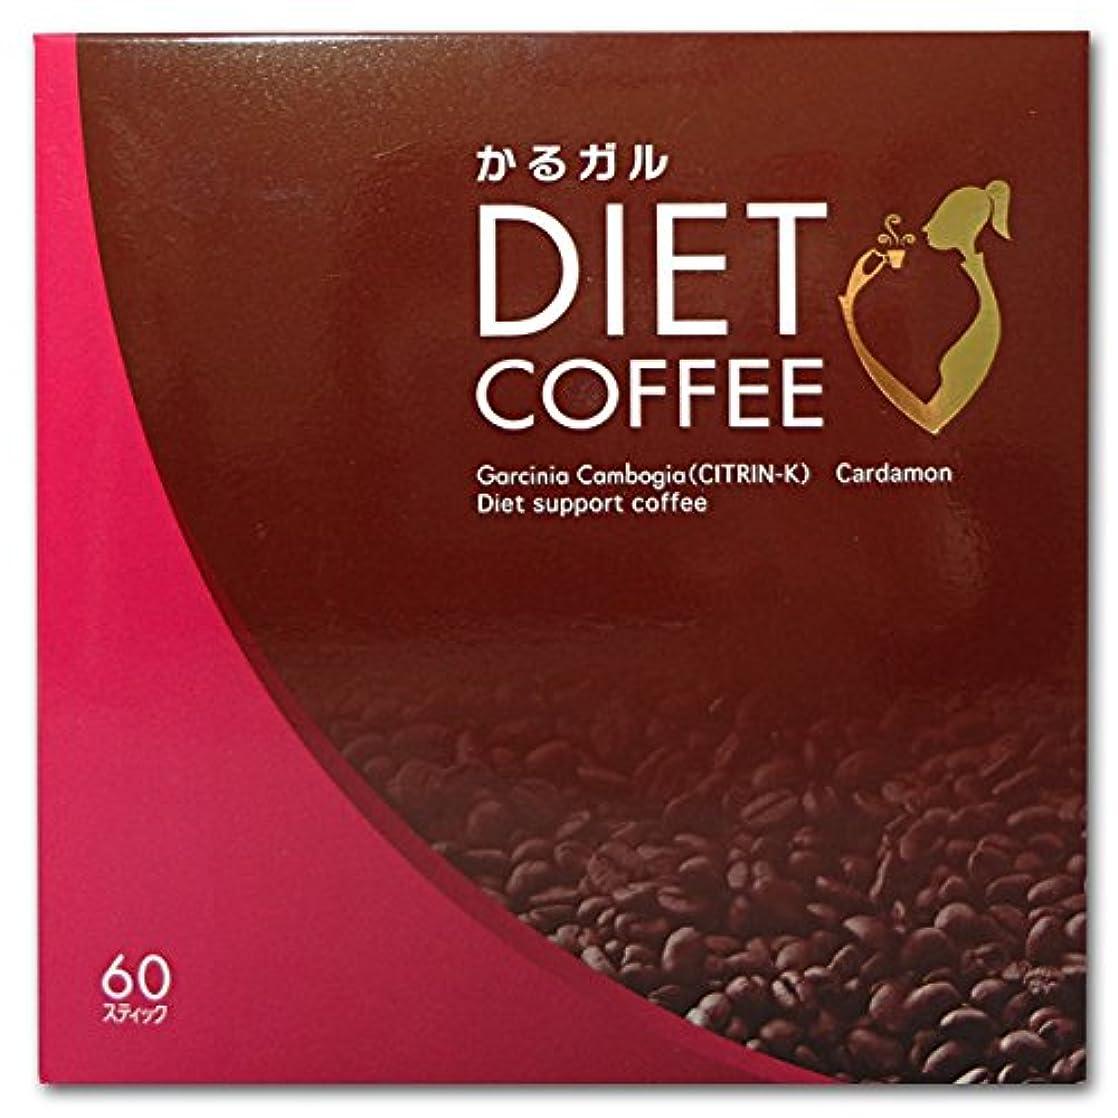 危機収縮へこみエル?エスコーポレーション カルがるDIET COFFEE(ダイエットコーヒー) 60袋